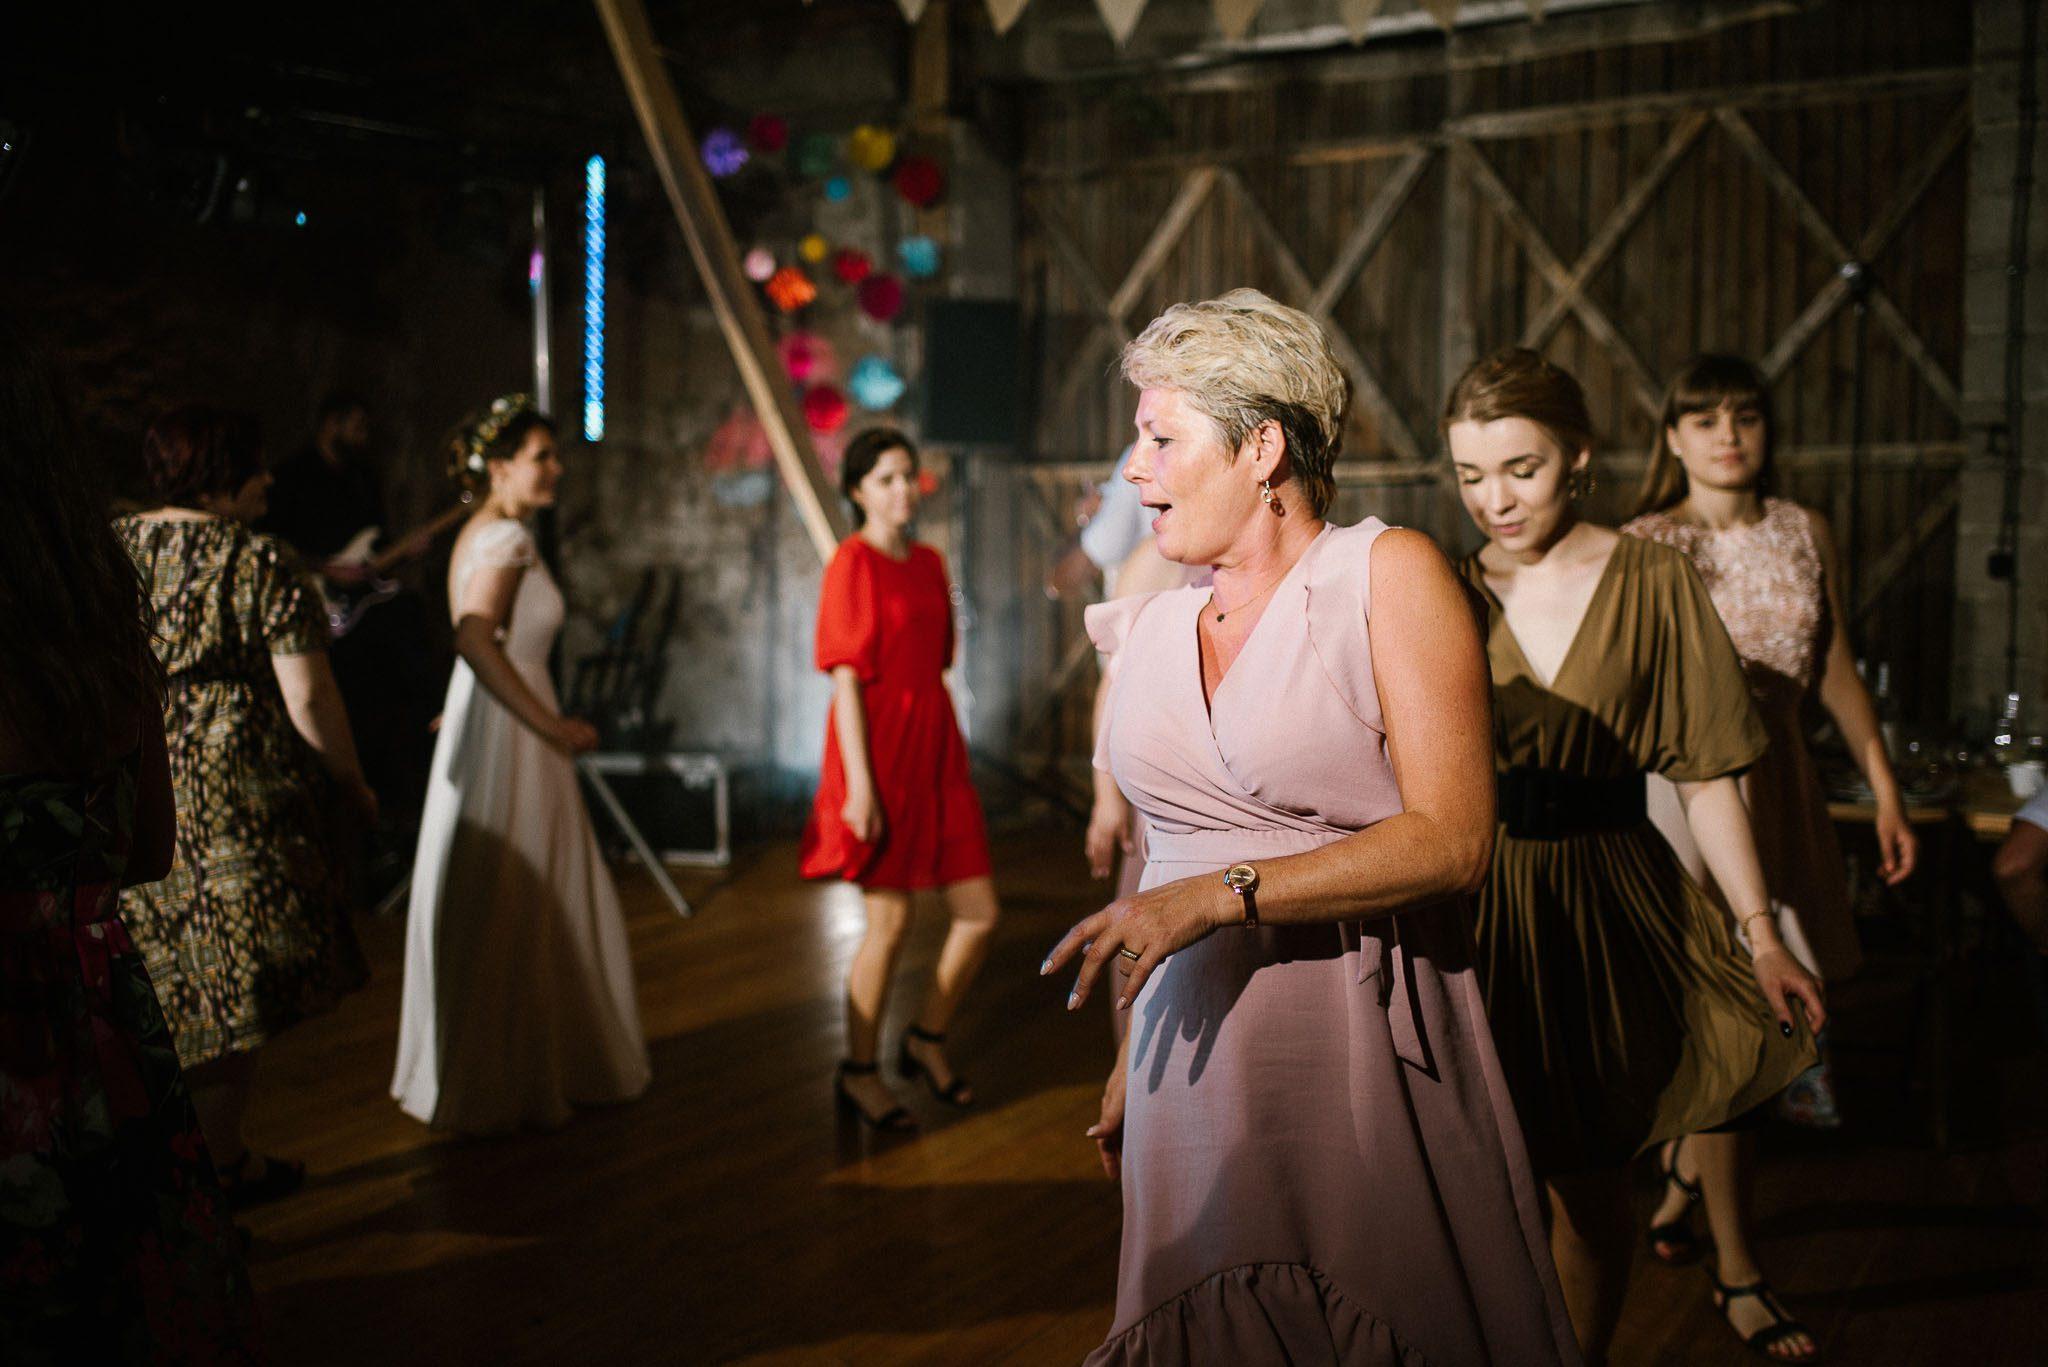 Goście tańczą pociąg na weselu w stodole - ślub w stodole Dyrkowo